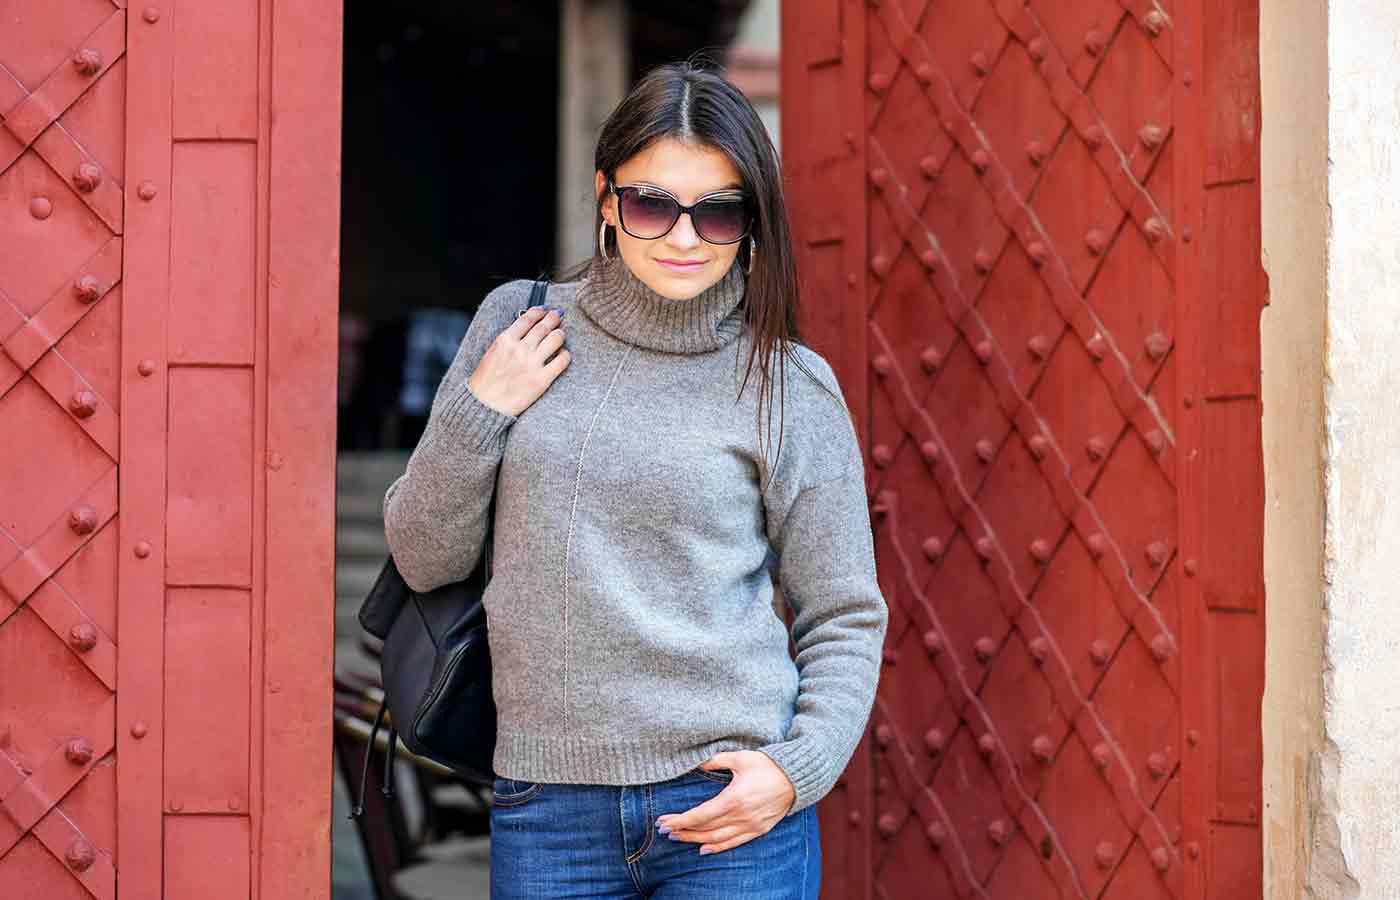 El suéter, prenda básica en un look minimalista para vestir